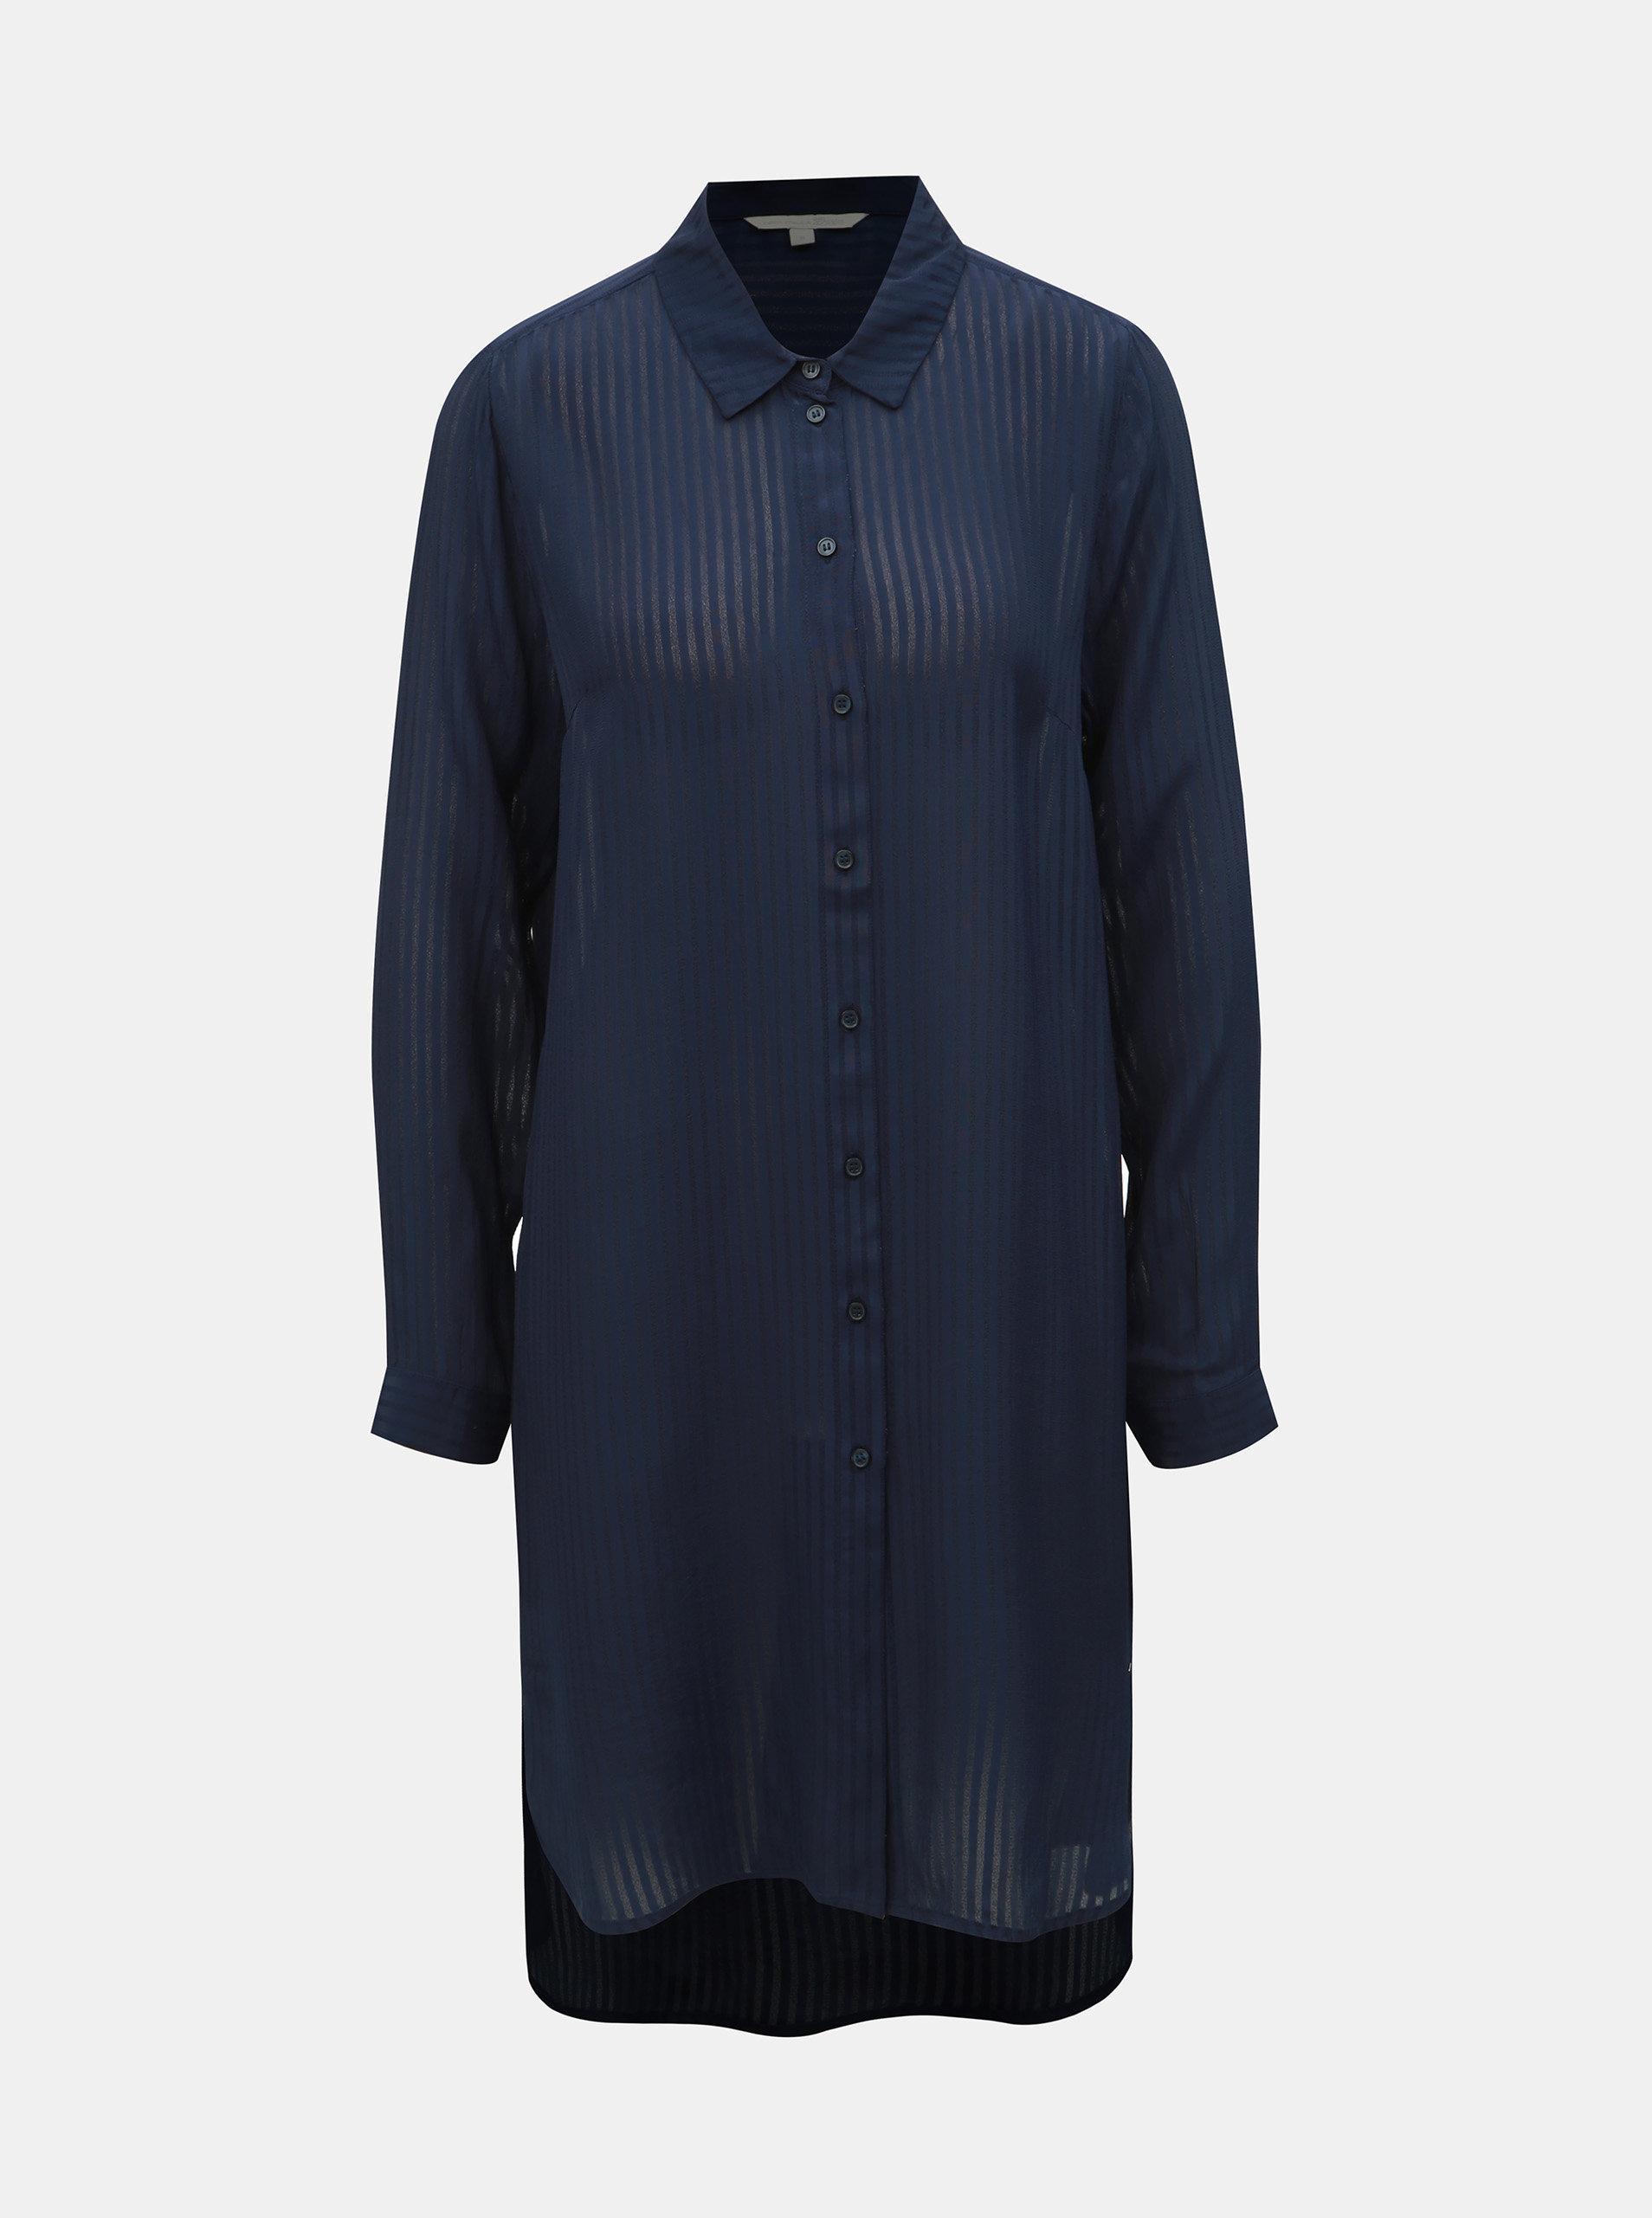 e421286558ac Tmavomodrá dámska pruhovaná dlhá košeľa Tom Tailor Denim ...